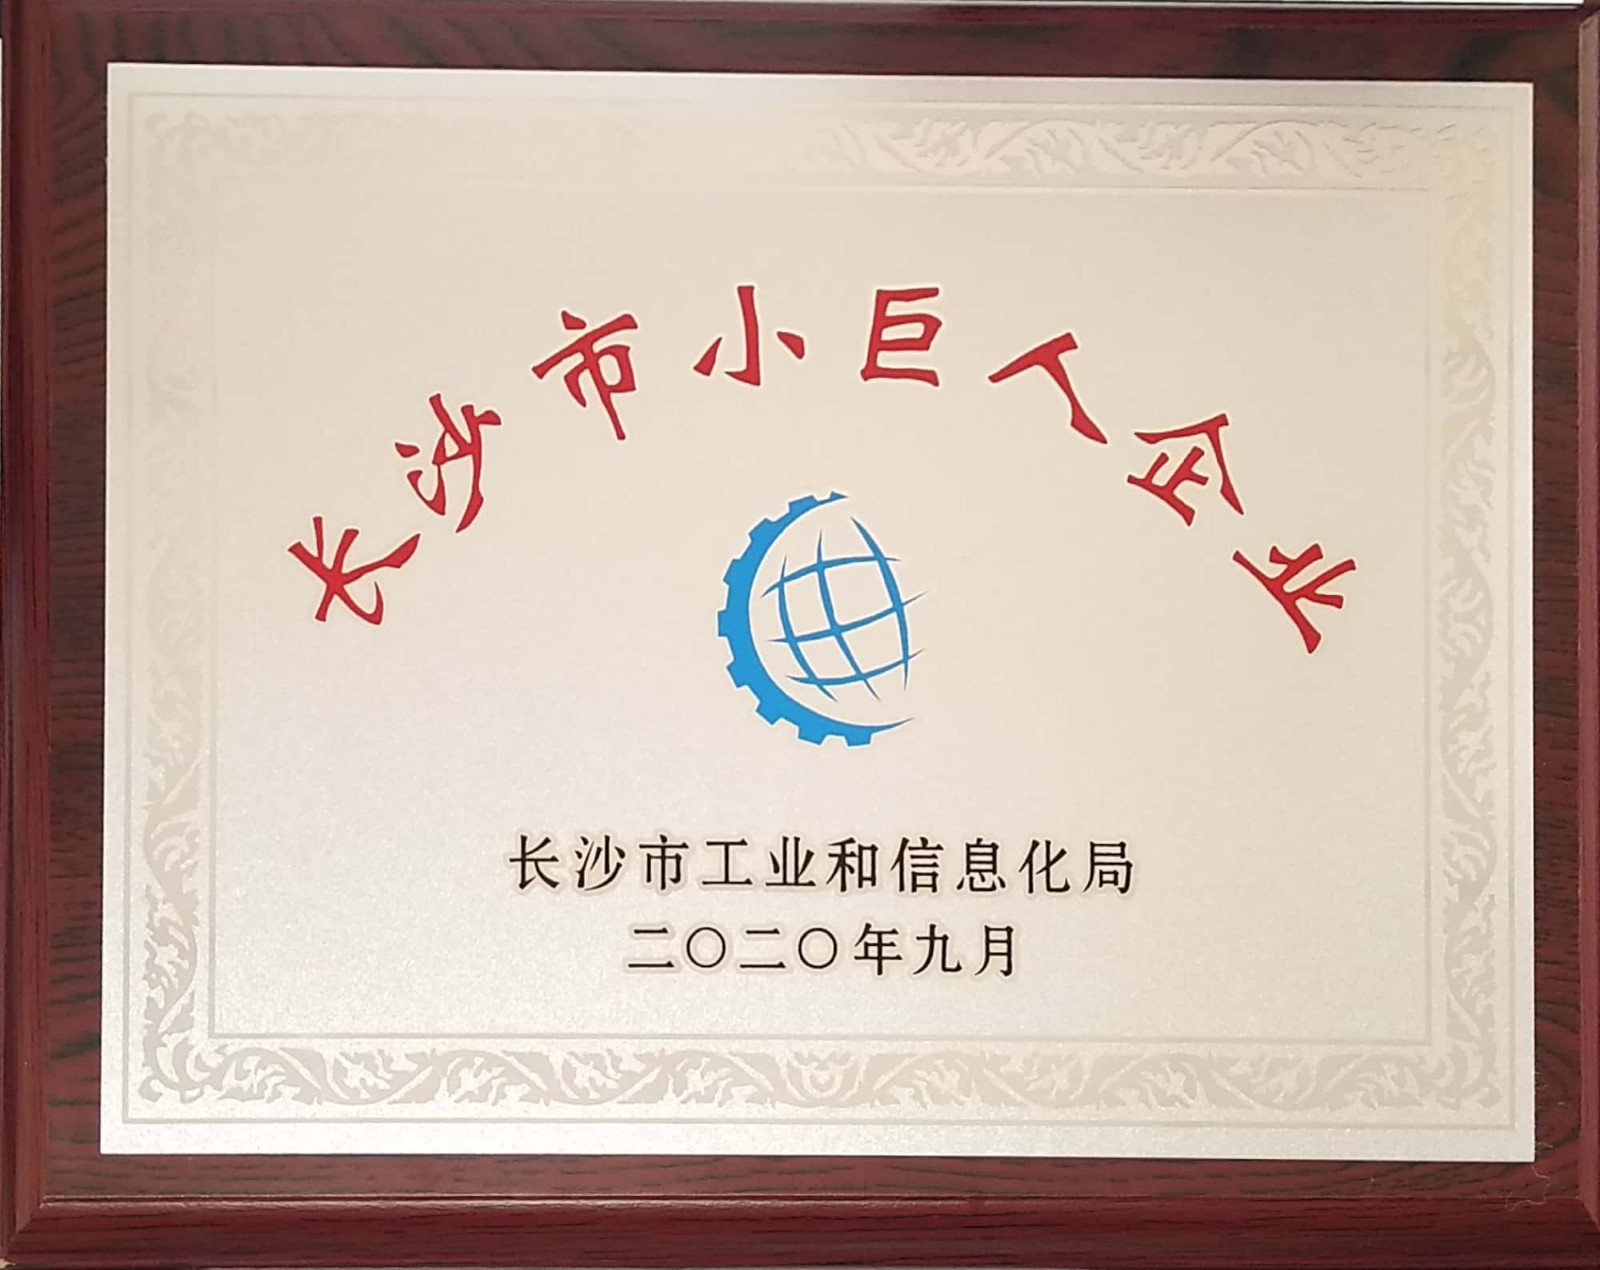 长沙市小巨人企业奖牌